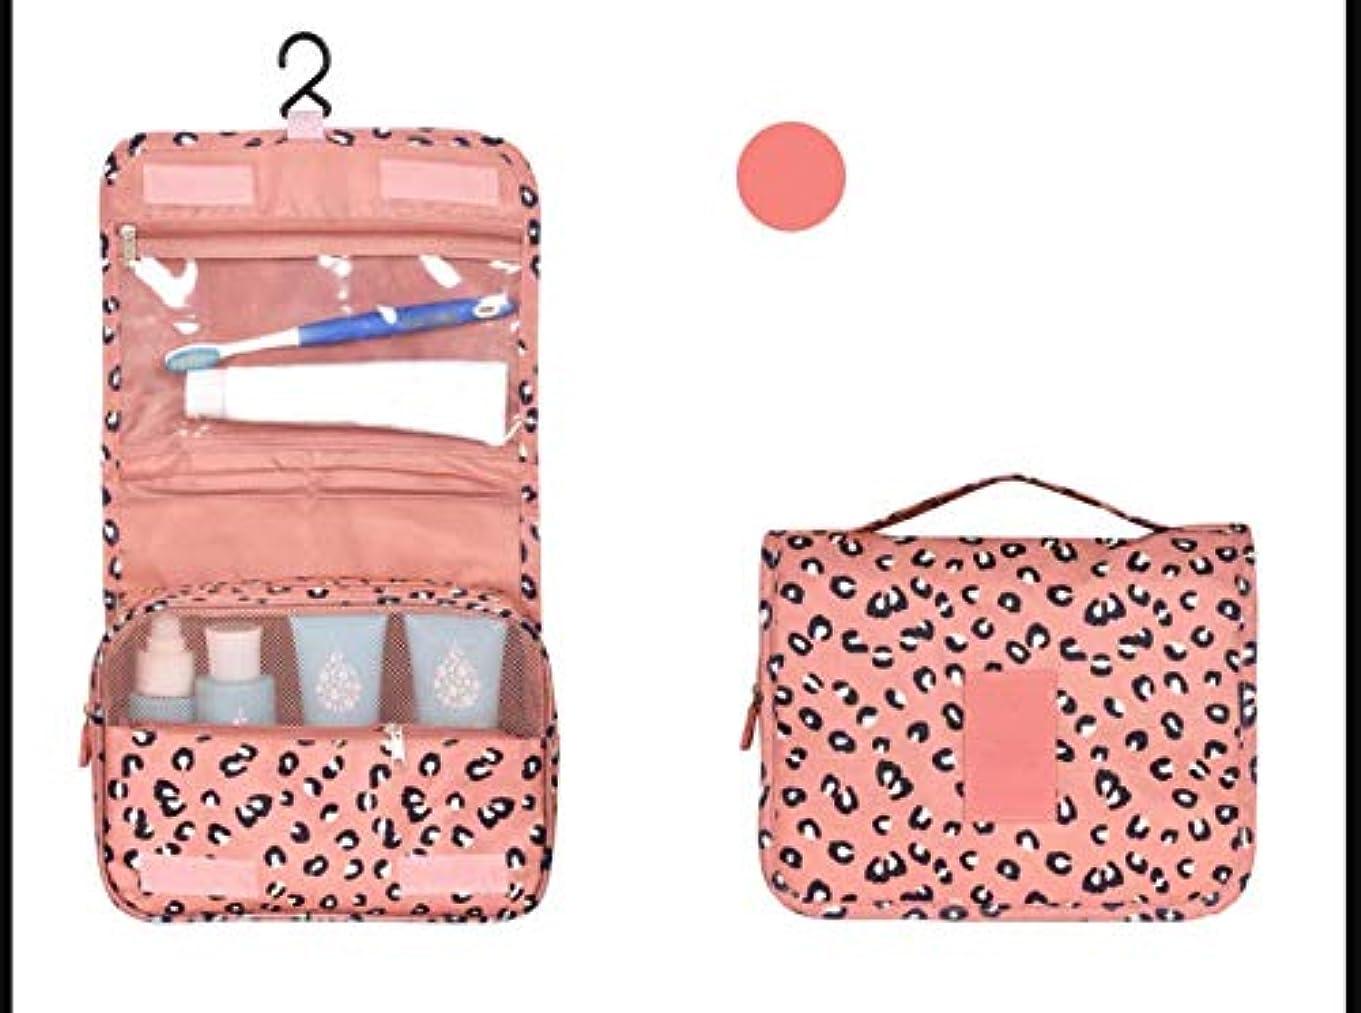 ネブ娯楽シャンプーRICISUNG ハンドバッグ、クリーニング用品、旅行用バッグ、バスバッグ、化粧バッグ、ジッパー、化粧バッグ、ペンダント、便利なアイテム、小物、ギフト